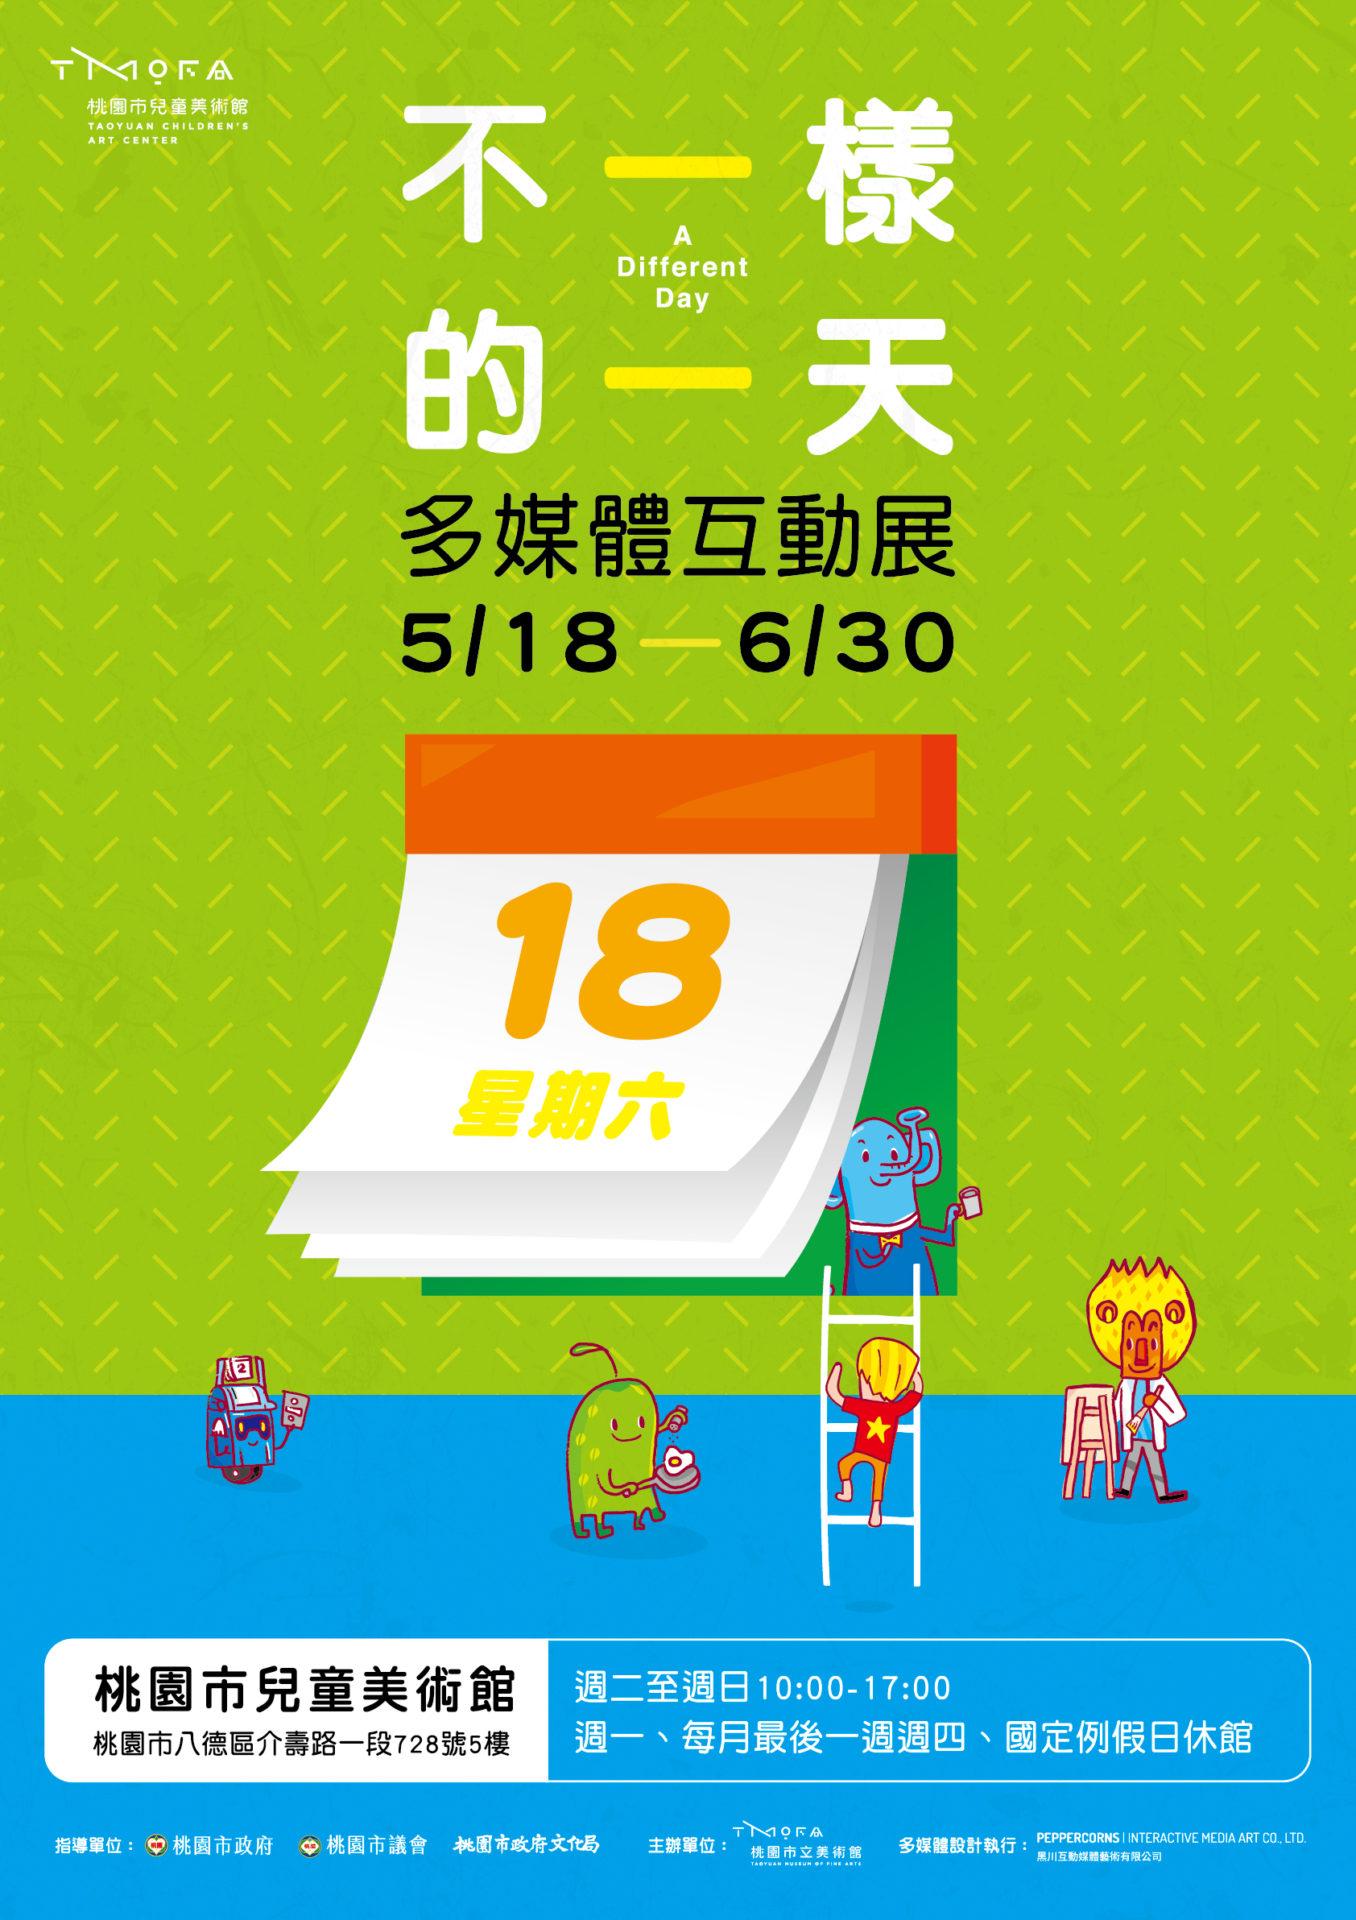 桃園市兒童美術館:2019/5/18-2019/6/30【不一樣的一天—多媒體互動展】